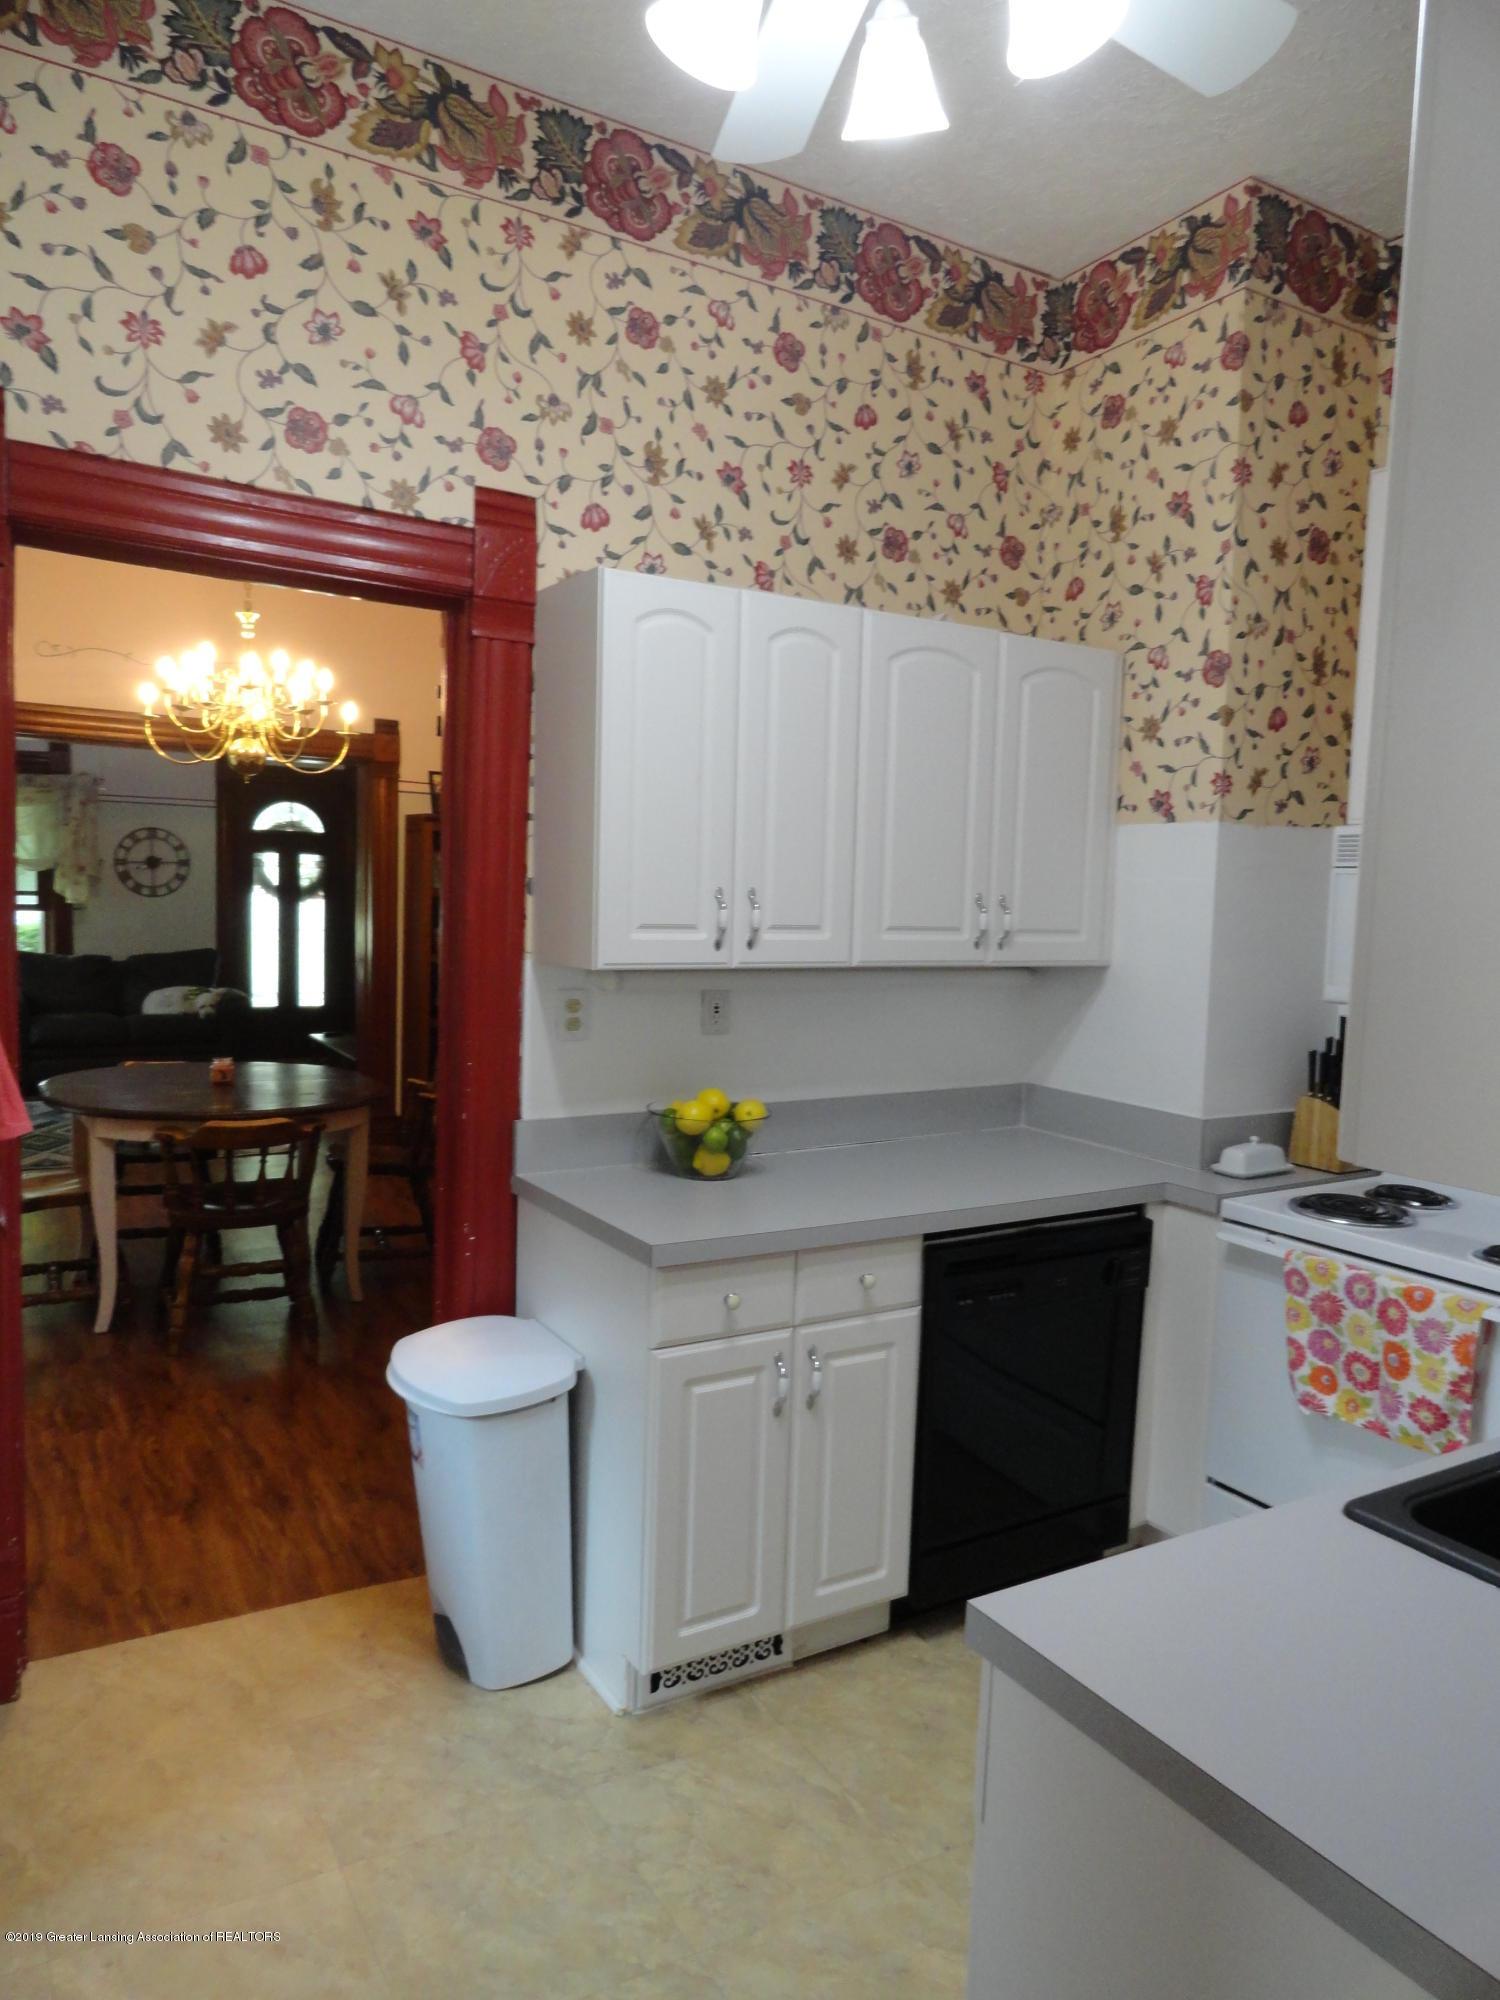 524 E Scott St - 10 Kitchen 3 - 10